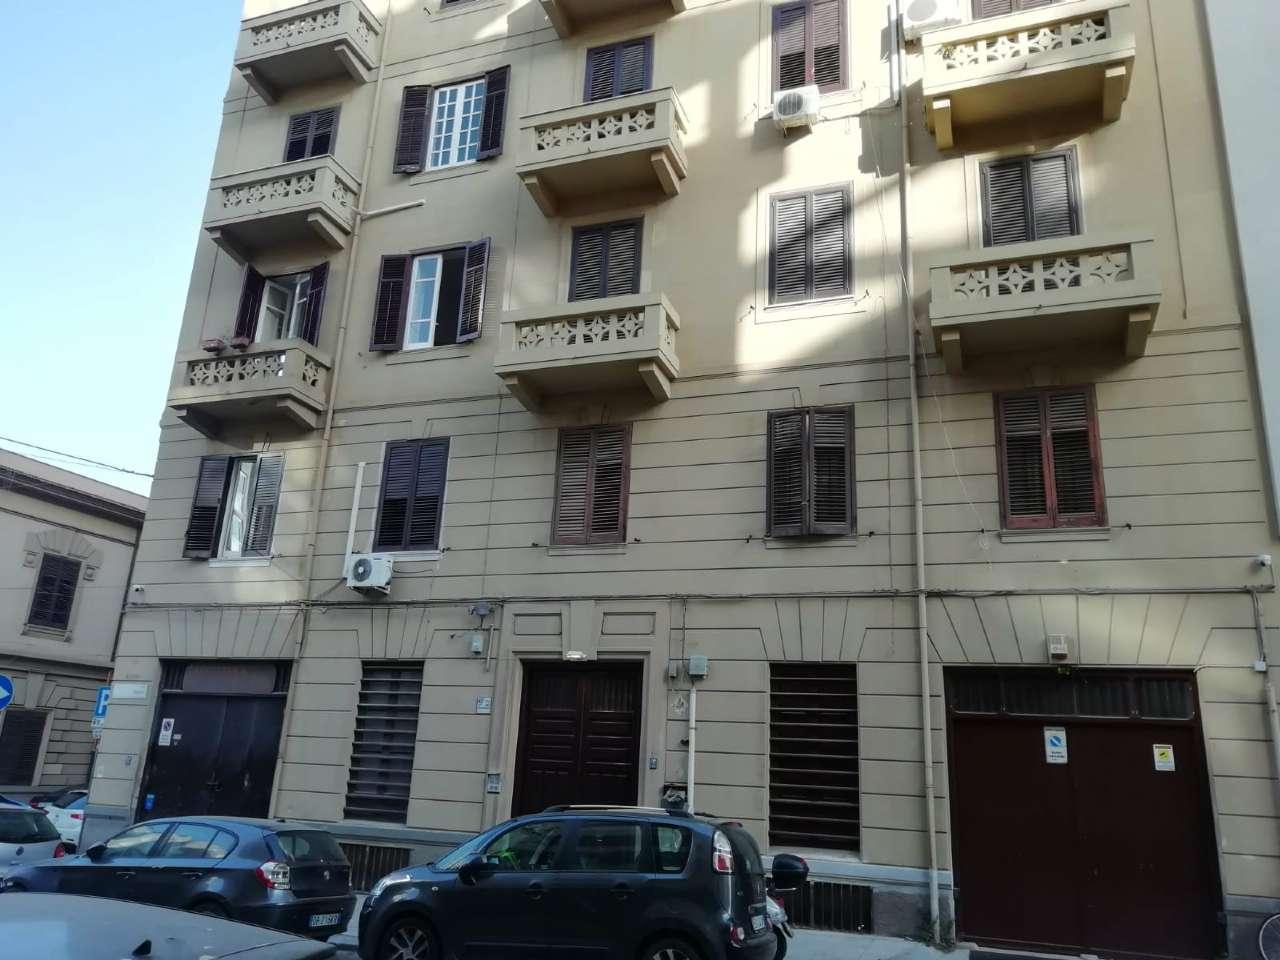 Ufficio-studio in Affitto a Palermo Centro: 5 locali, 140 mq